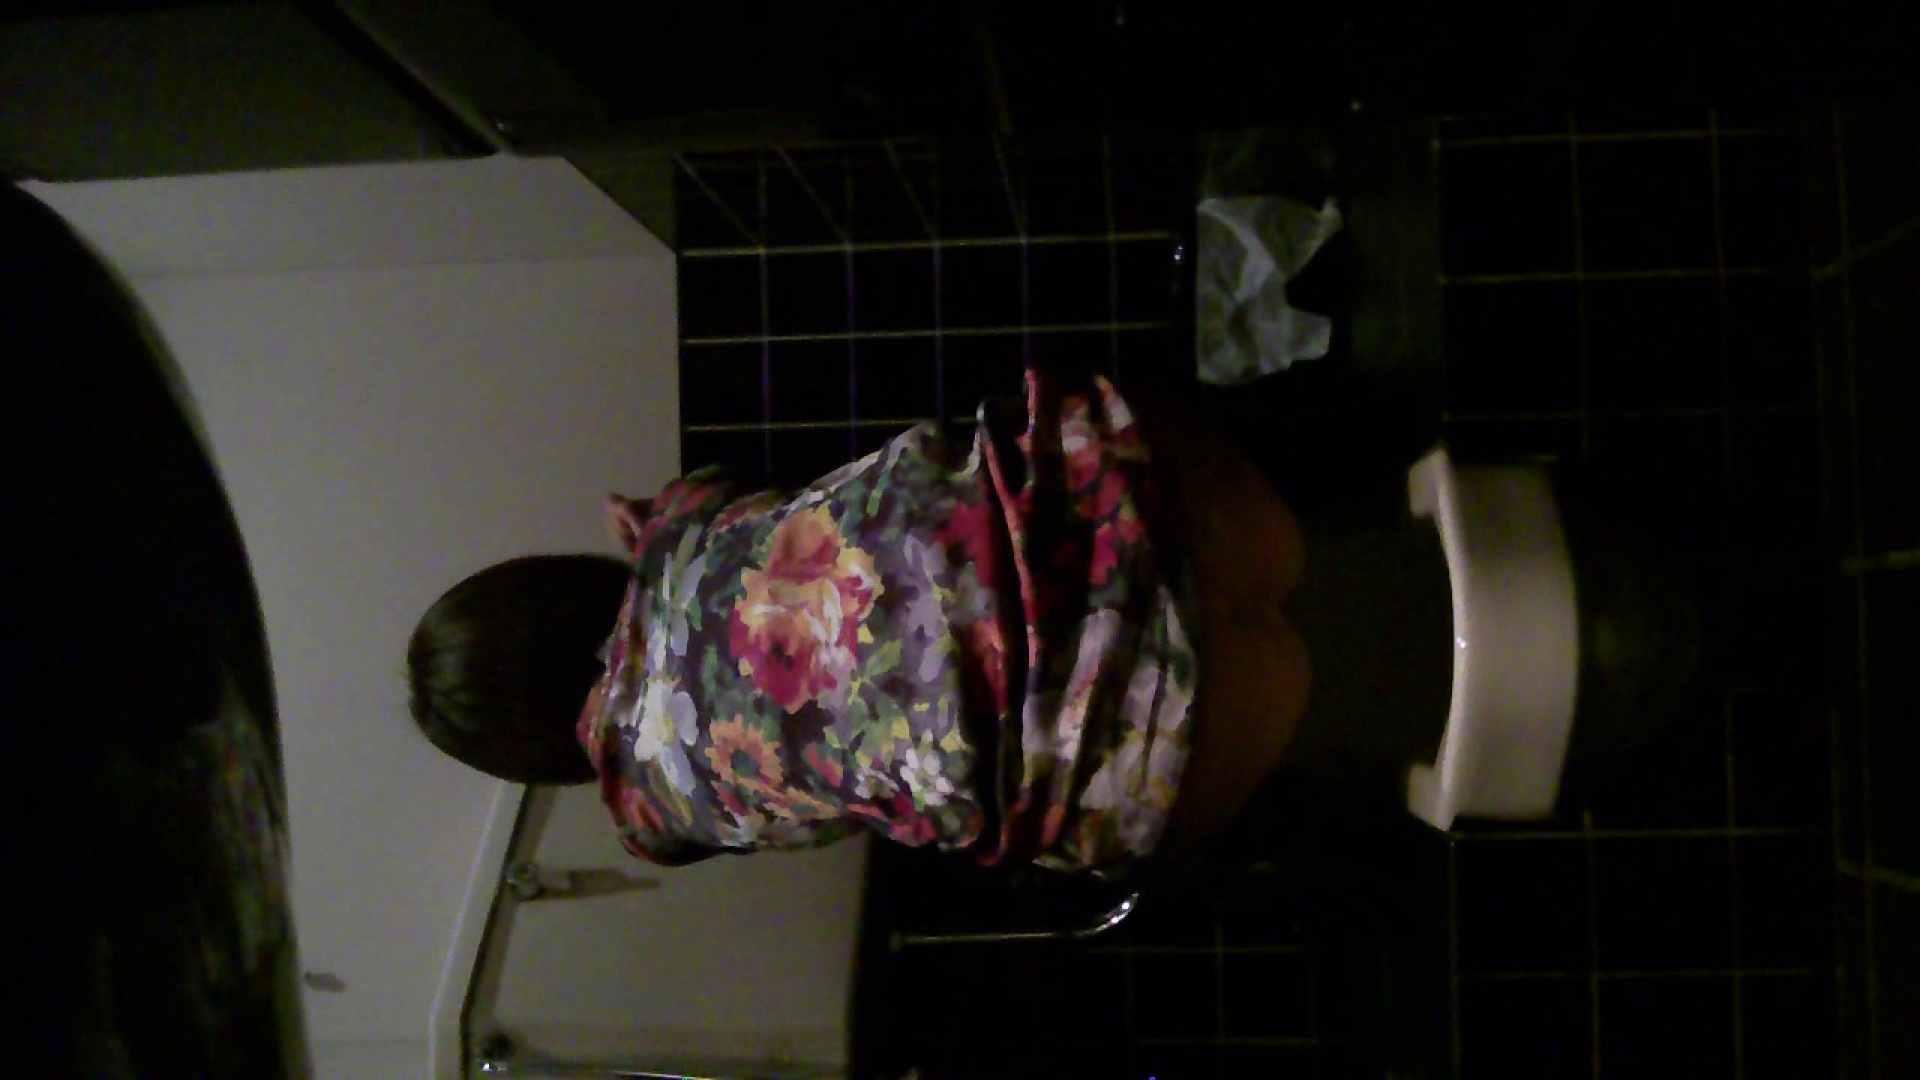 美女の集まる飲み屋洗面所 vol.04 エロティックなOL | 洗面所はめどり  76画像 21